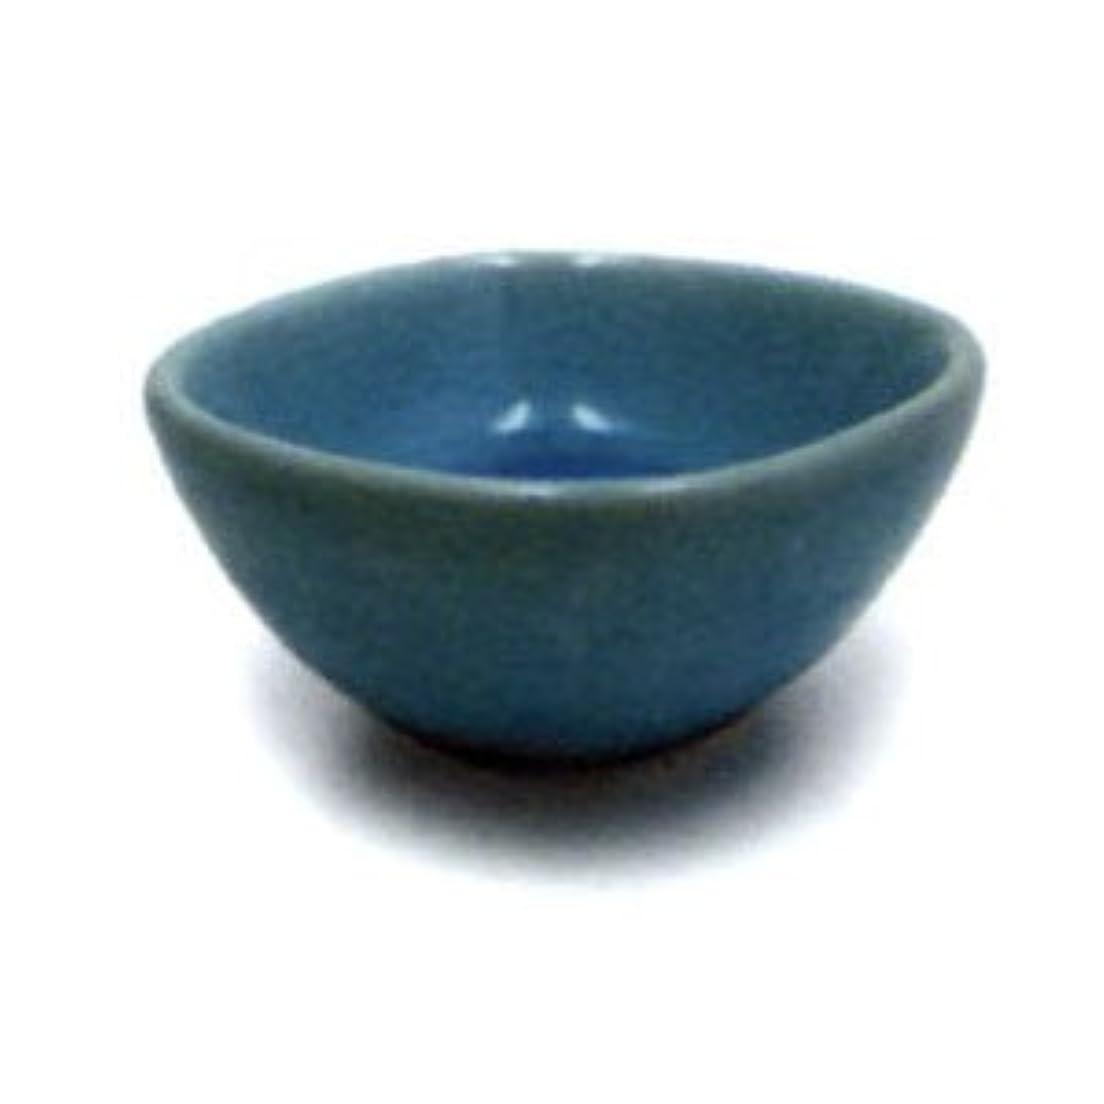 幾何学ジュニア暫定響き香台 鉢 ブルー